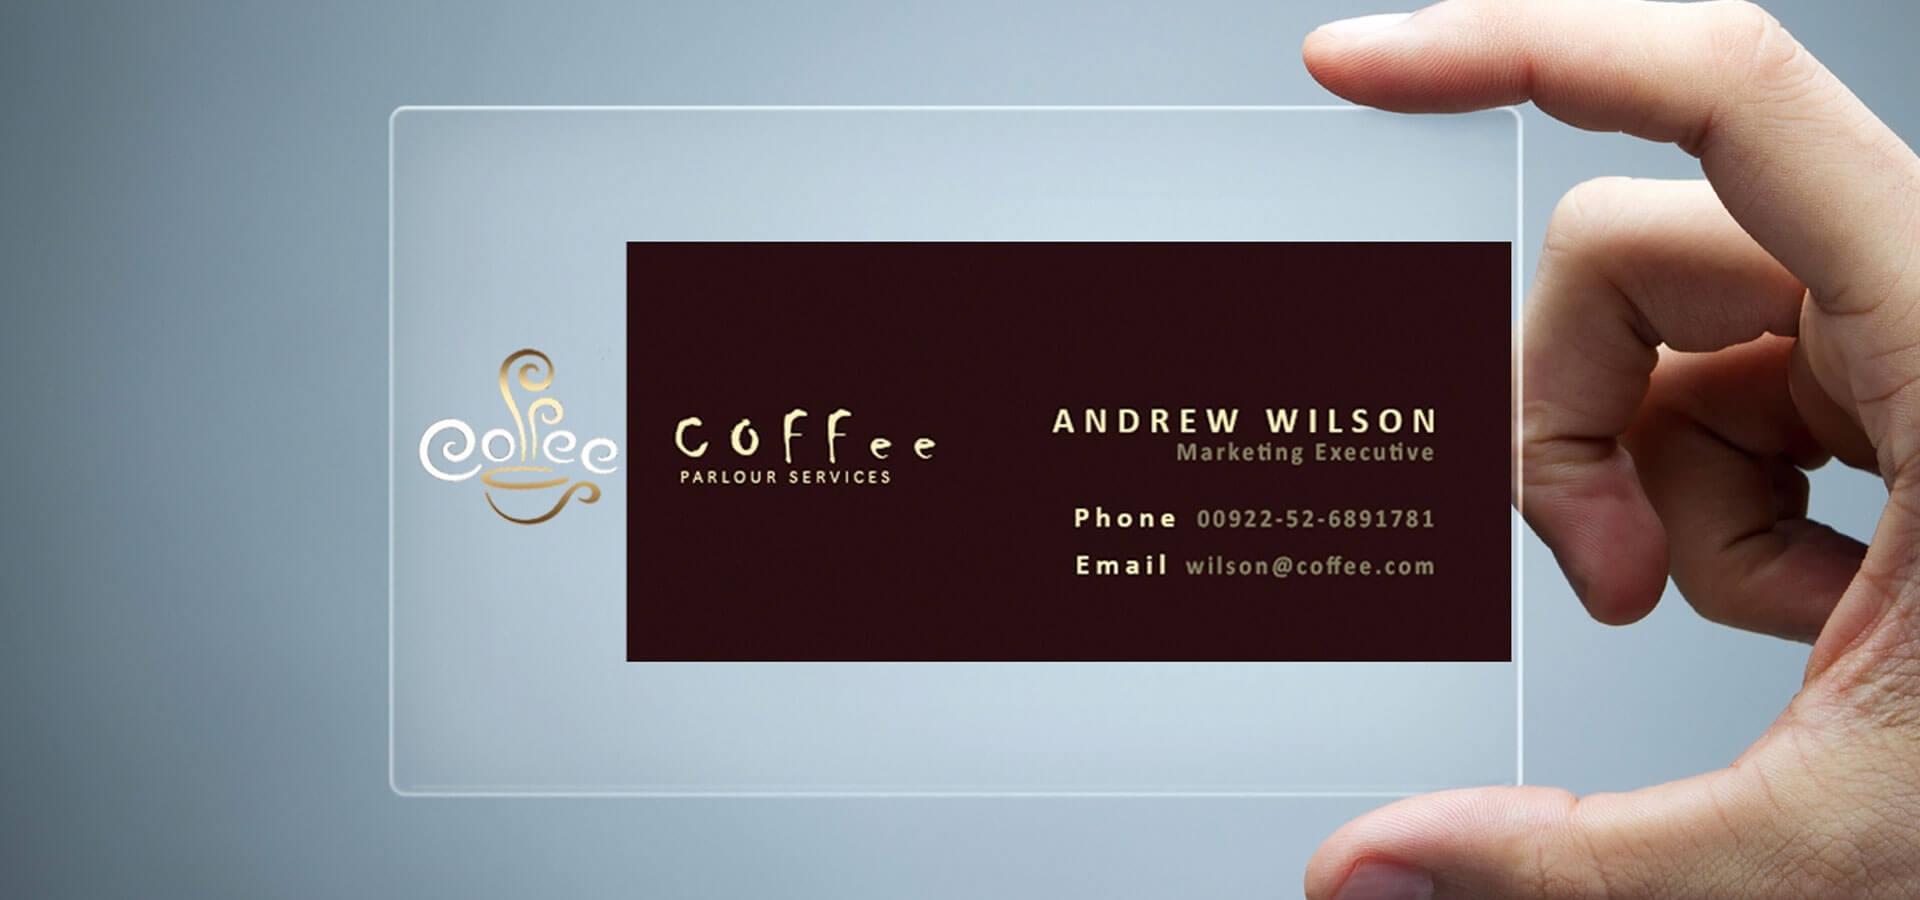 26+ Transparent Business Card Templates - Illustrator, Ms Inside Transparent Business Cards Template